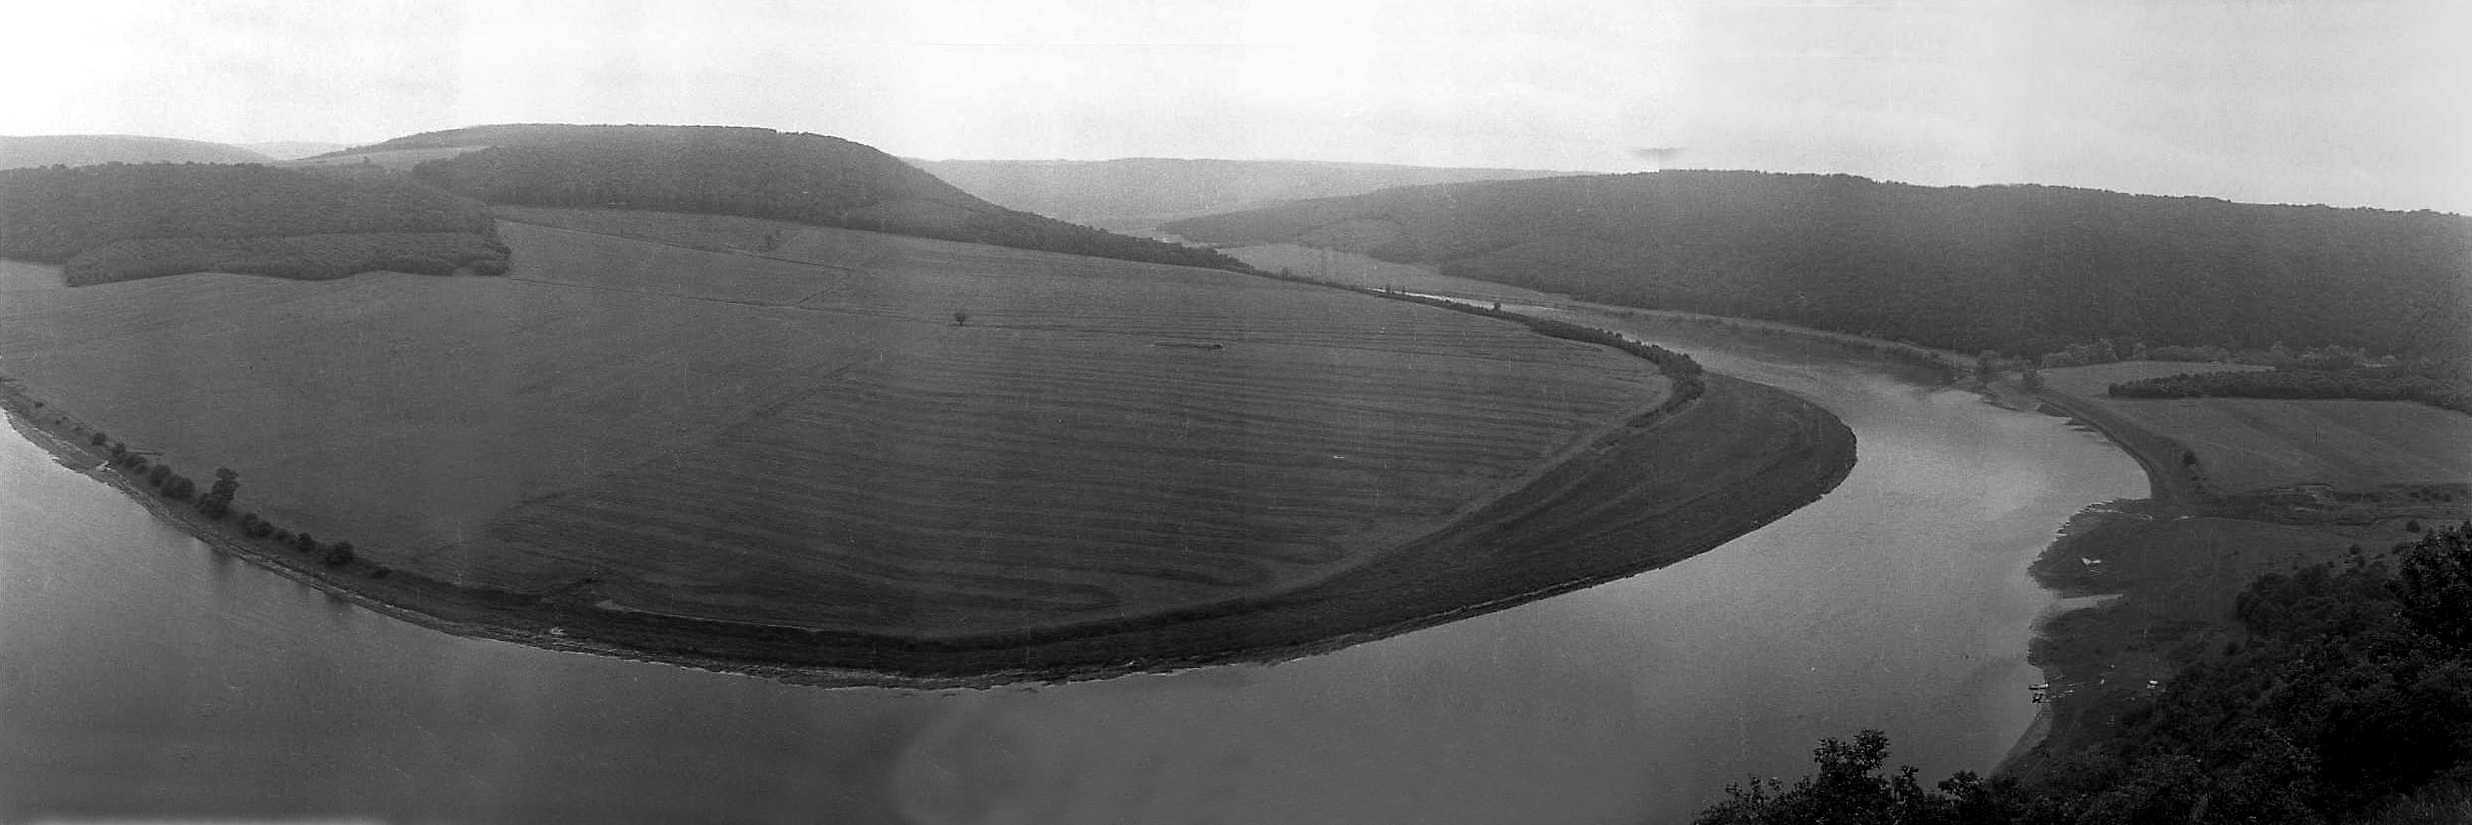 1988 р. Панорама луки Дністра з Червоної гори